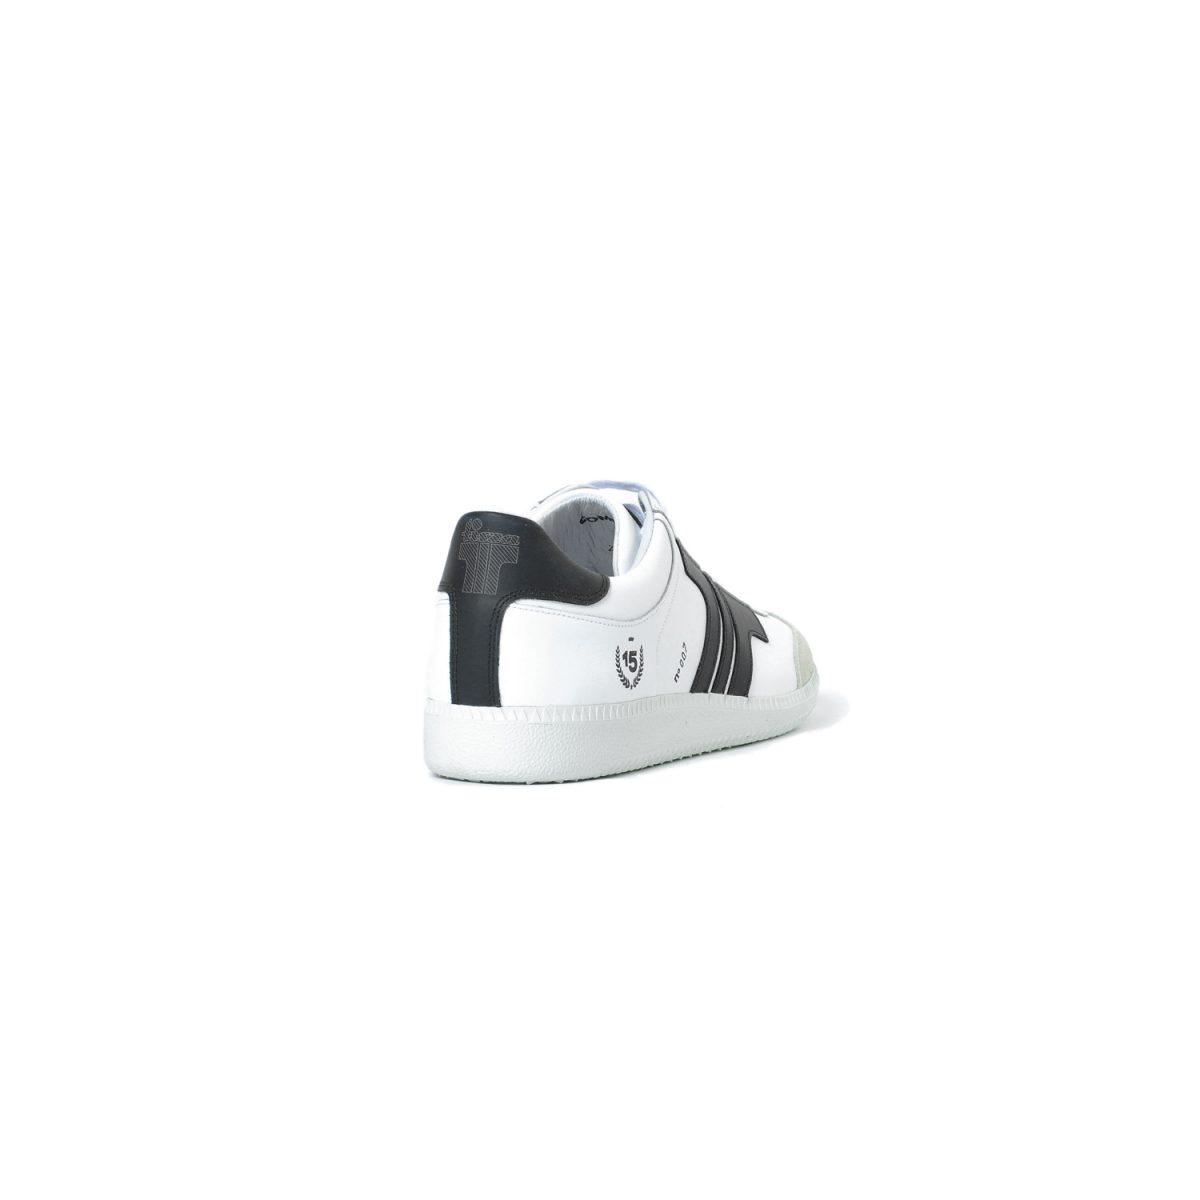 ... jubileumi limitált (sorszámozott). Tisza cipő - Compakt - Fehér-fekete  ... 4cd366288c